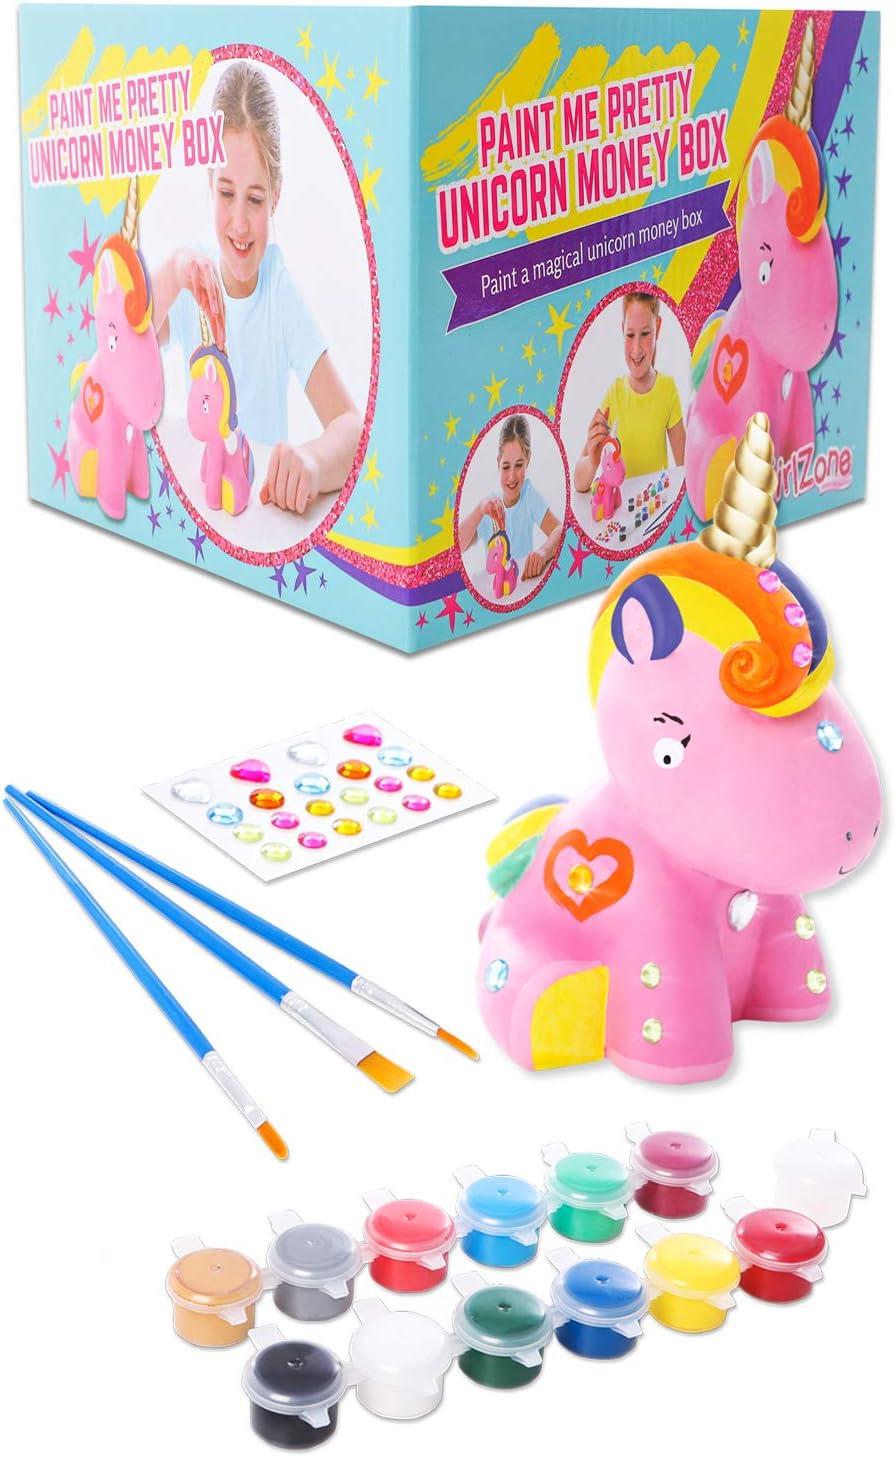 GirlZone Regalos para Niñas - Hucha Unicornio para Pintar - Kit Pintura para Niñas y Accesorios Infantiles -Pinceles, Colores y Gemas - Regalo Original Cumpleaños y Fiestas